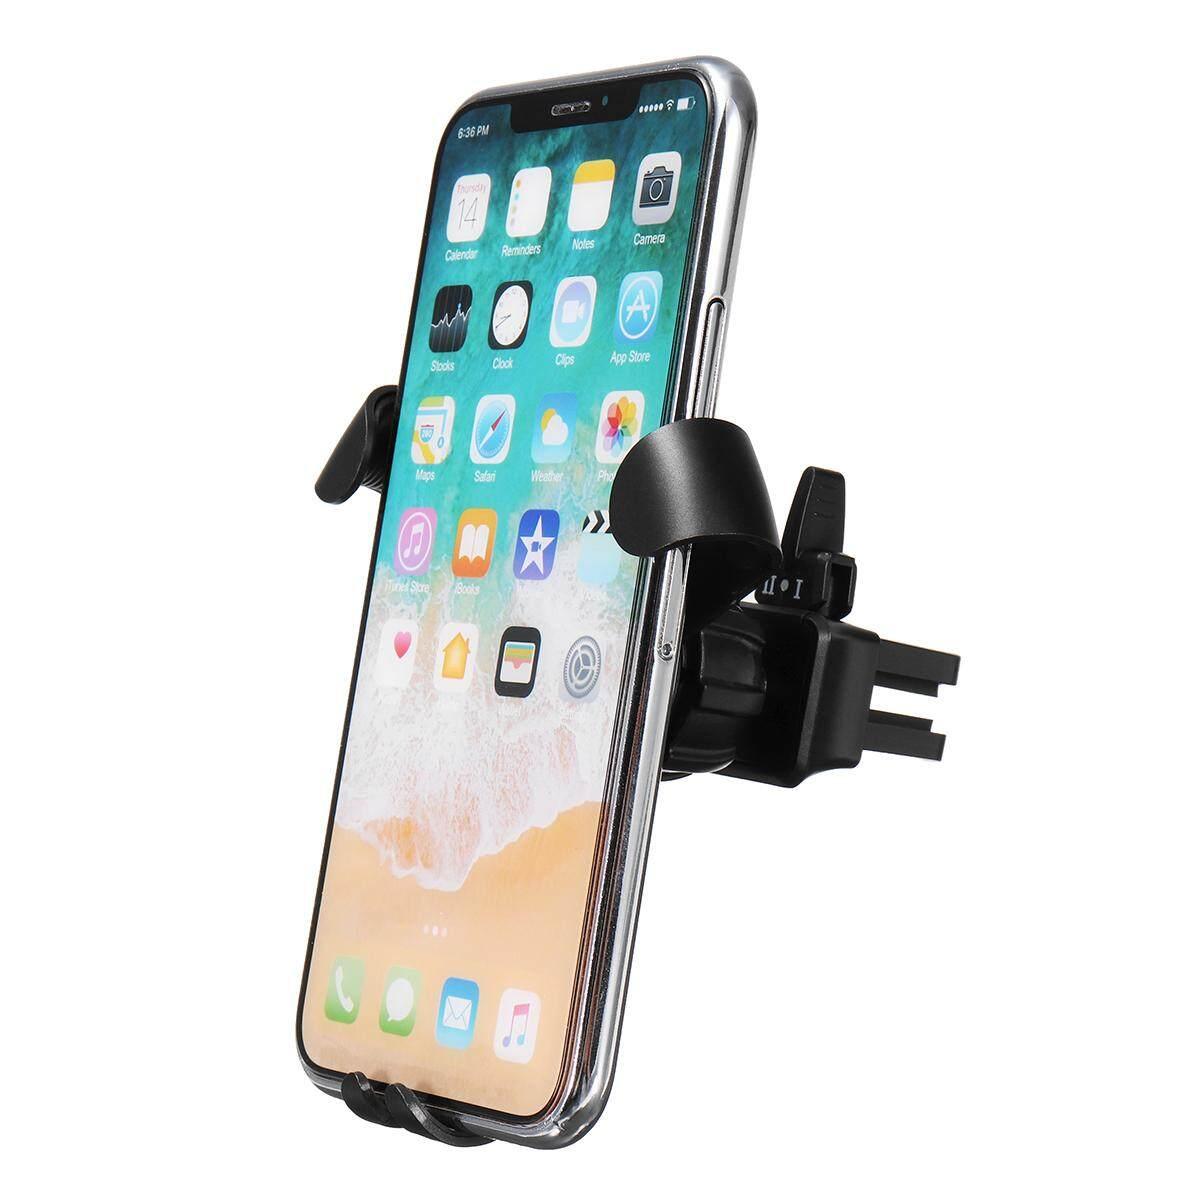 Gravitasi Lubang Udara Mobil Tempat Ponsel untuk Samsung Galaxy S9/UNTUK iPhone X Hitam-Intl